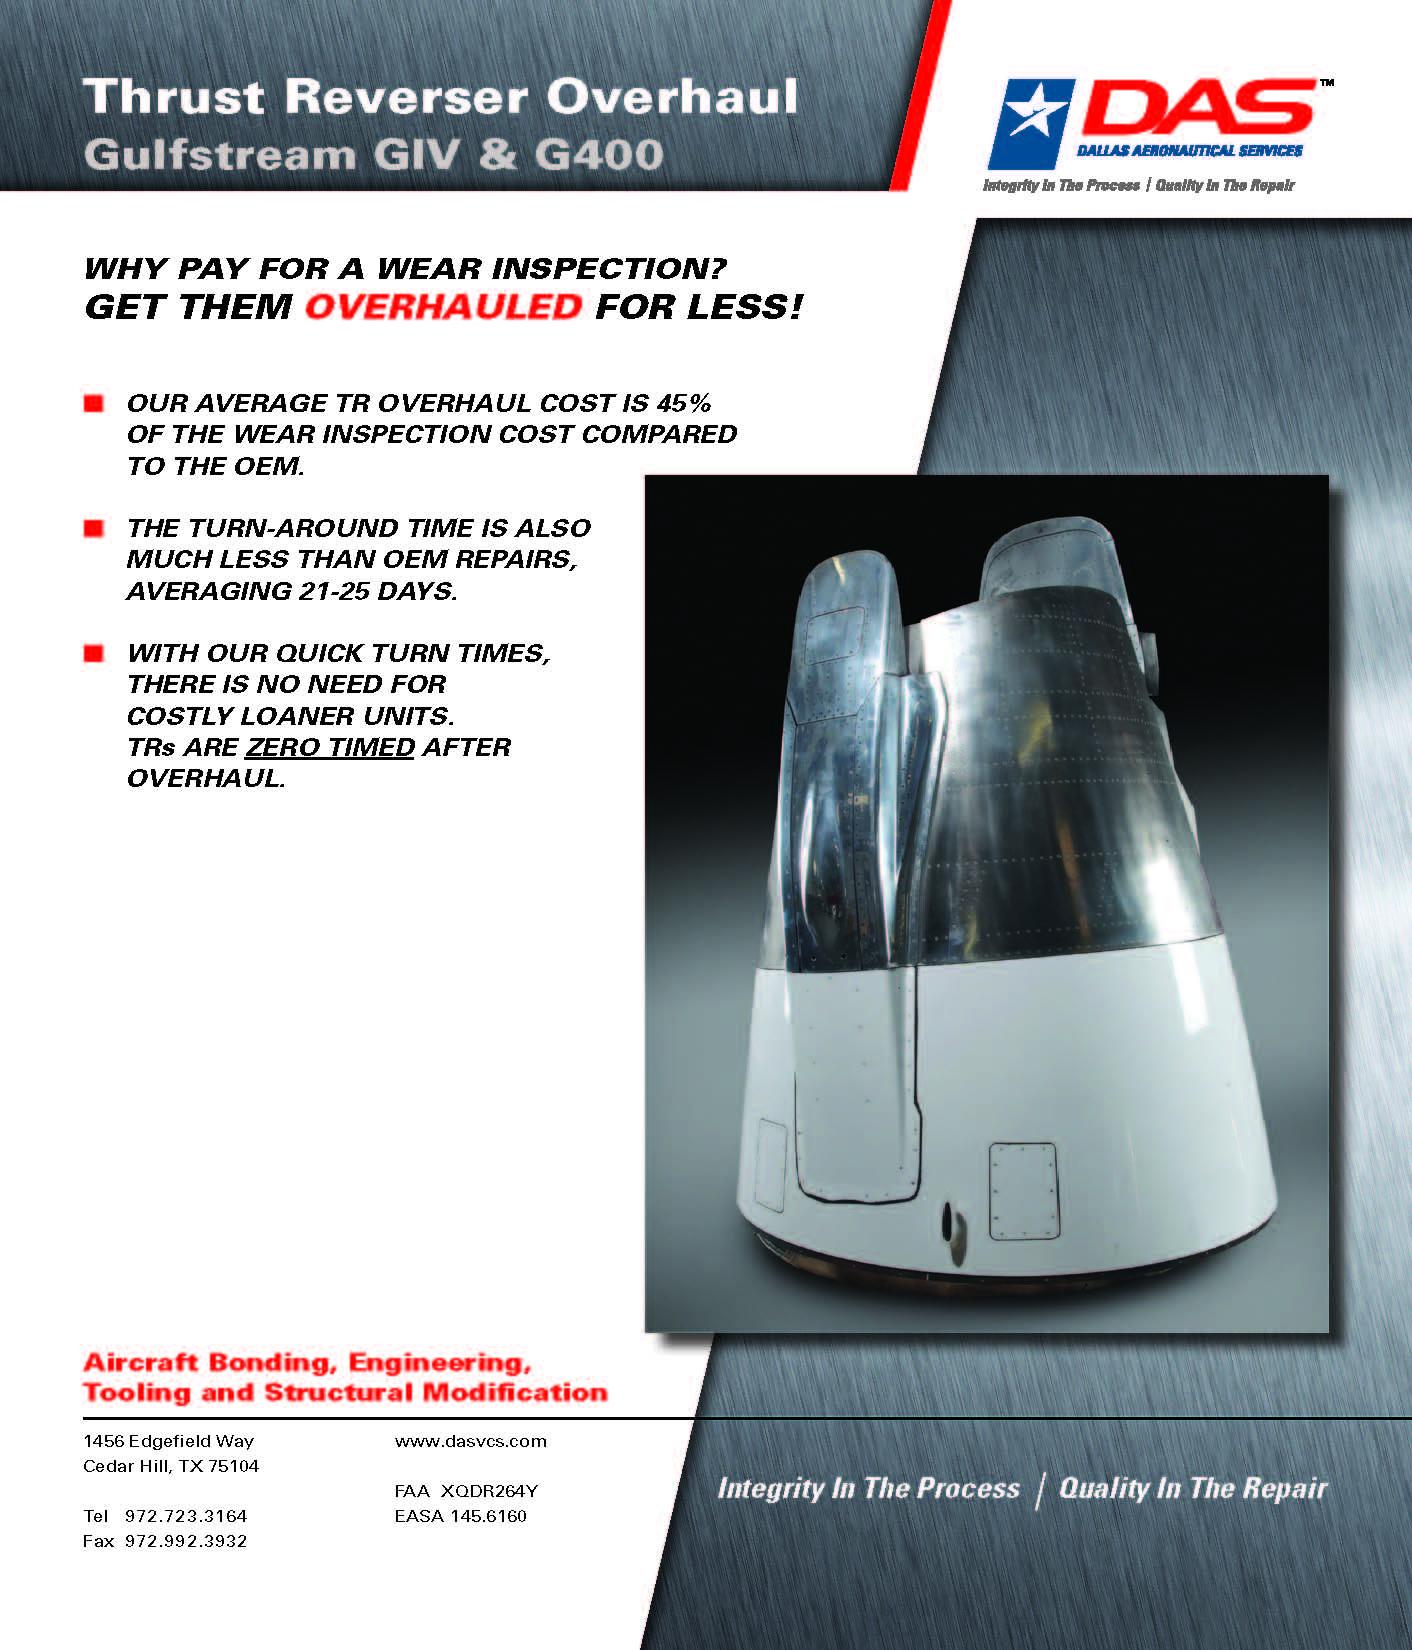 DAS-Thrust Rev Ovrhl sheet F4-LR corp.jpg